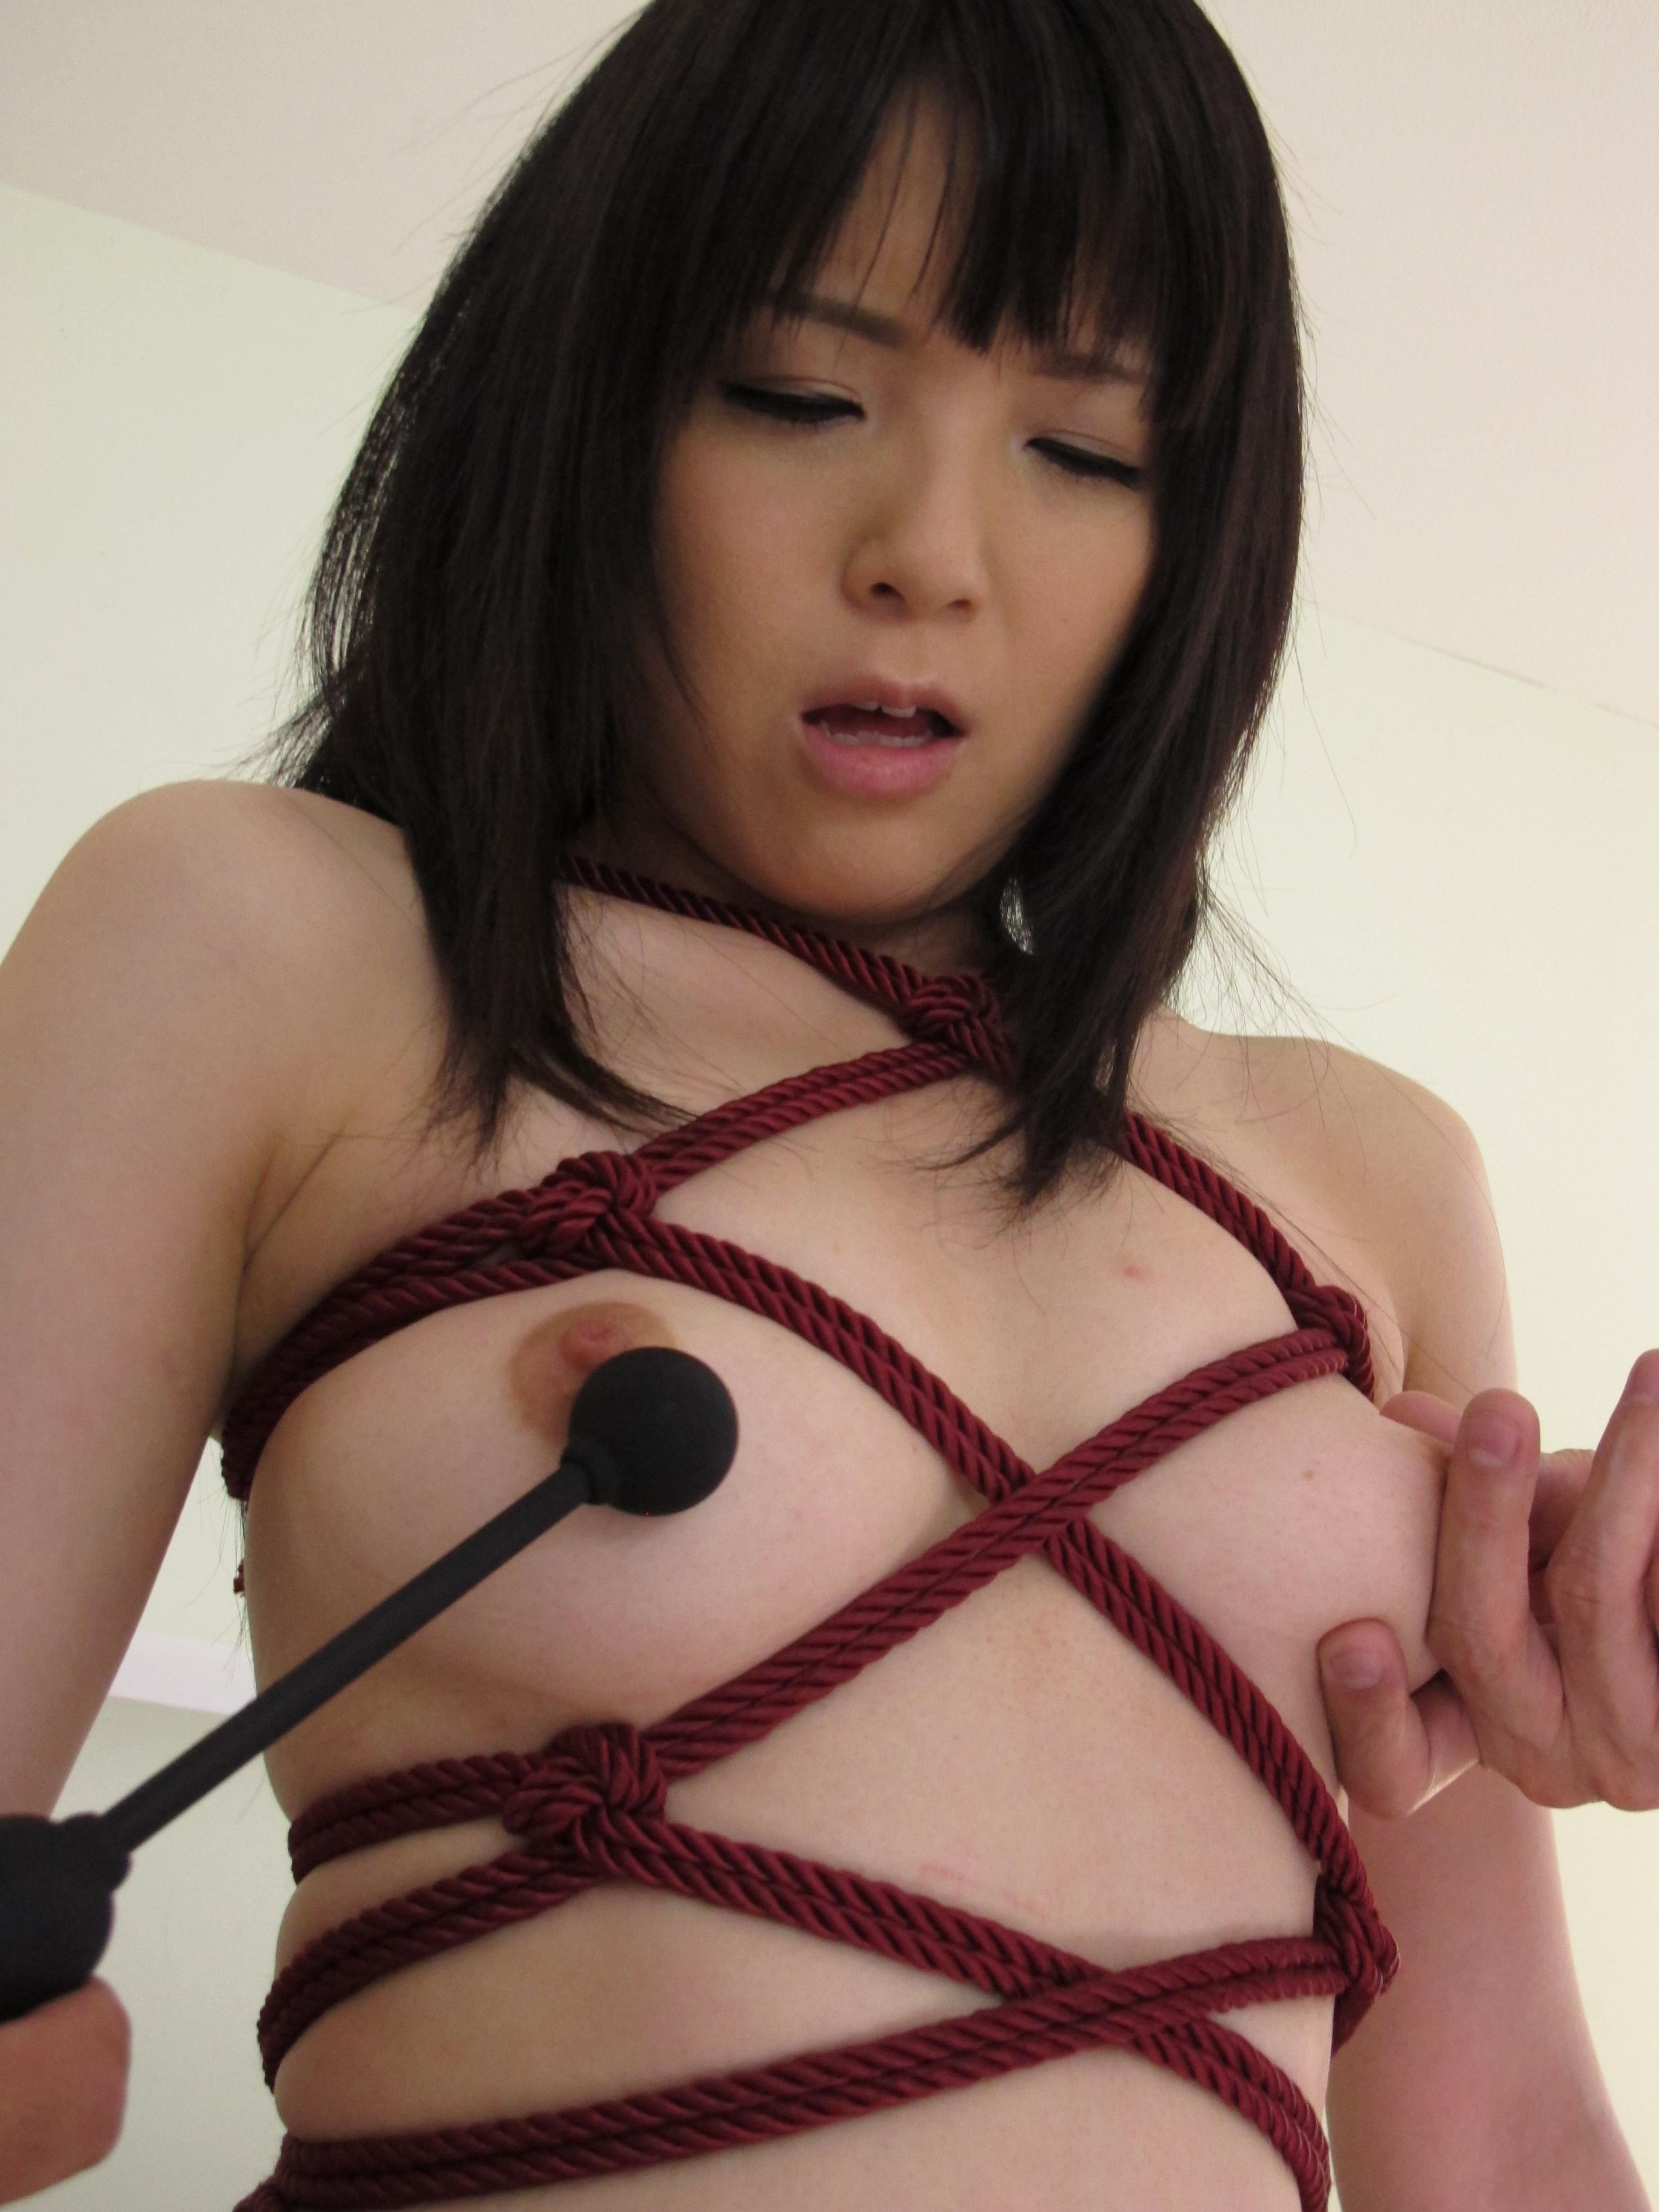 レッドホットフェティッシュコレクション103 桜瀬奈 無修正画像29